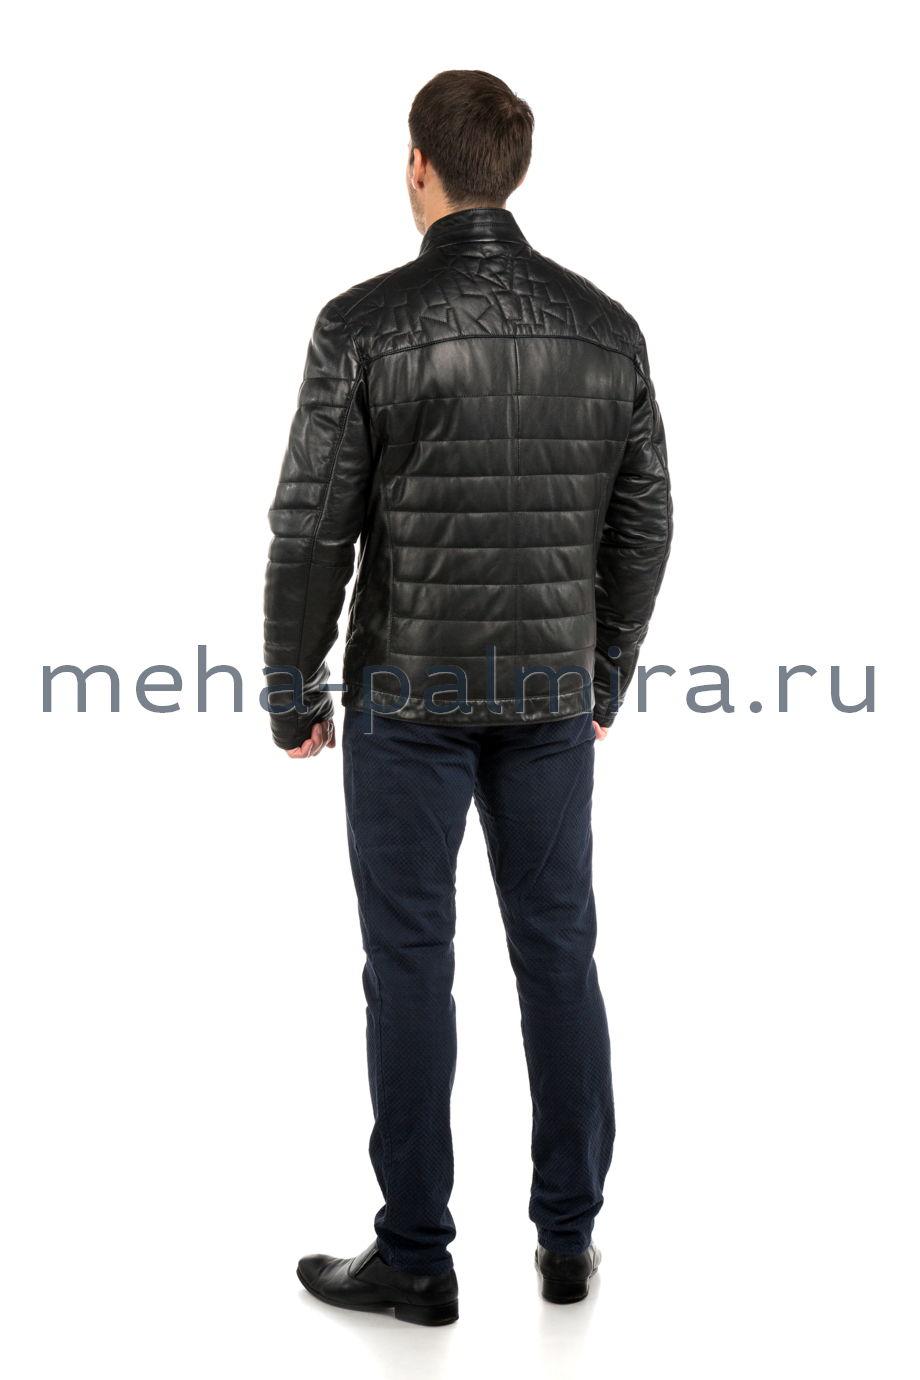 Киров Где Купить Куртку